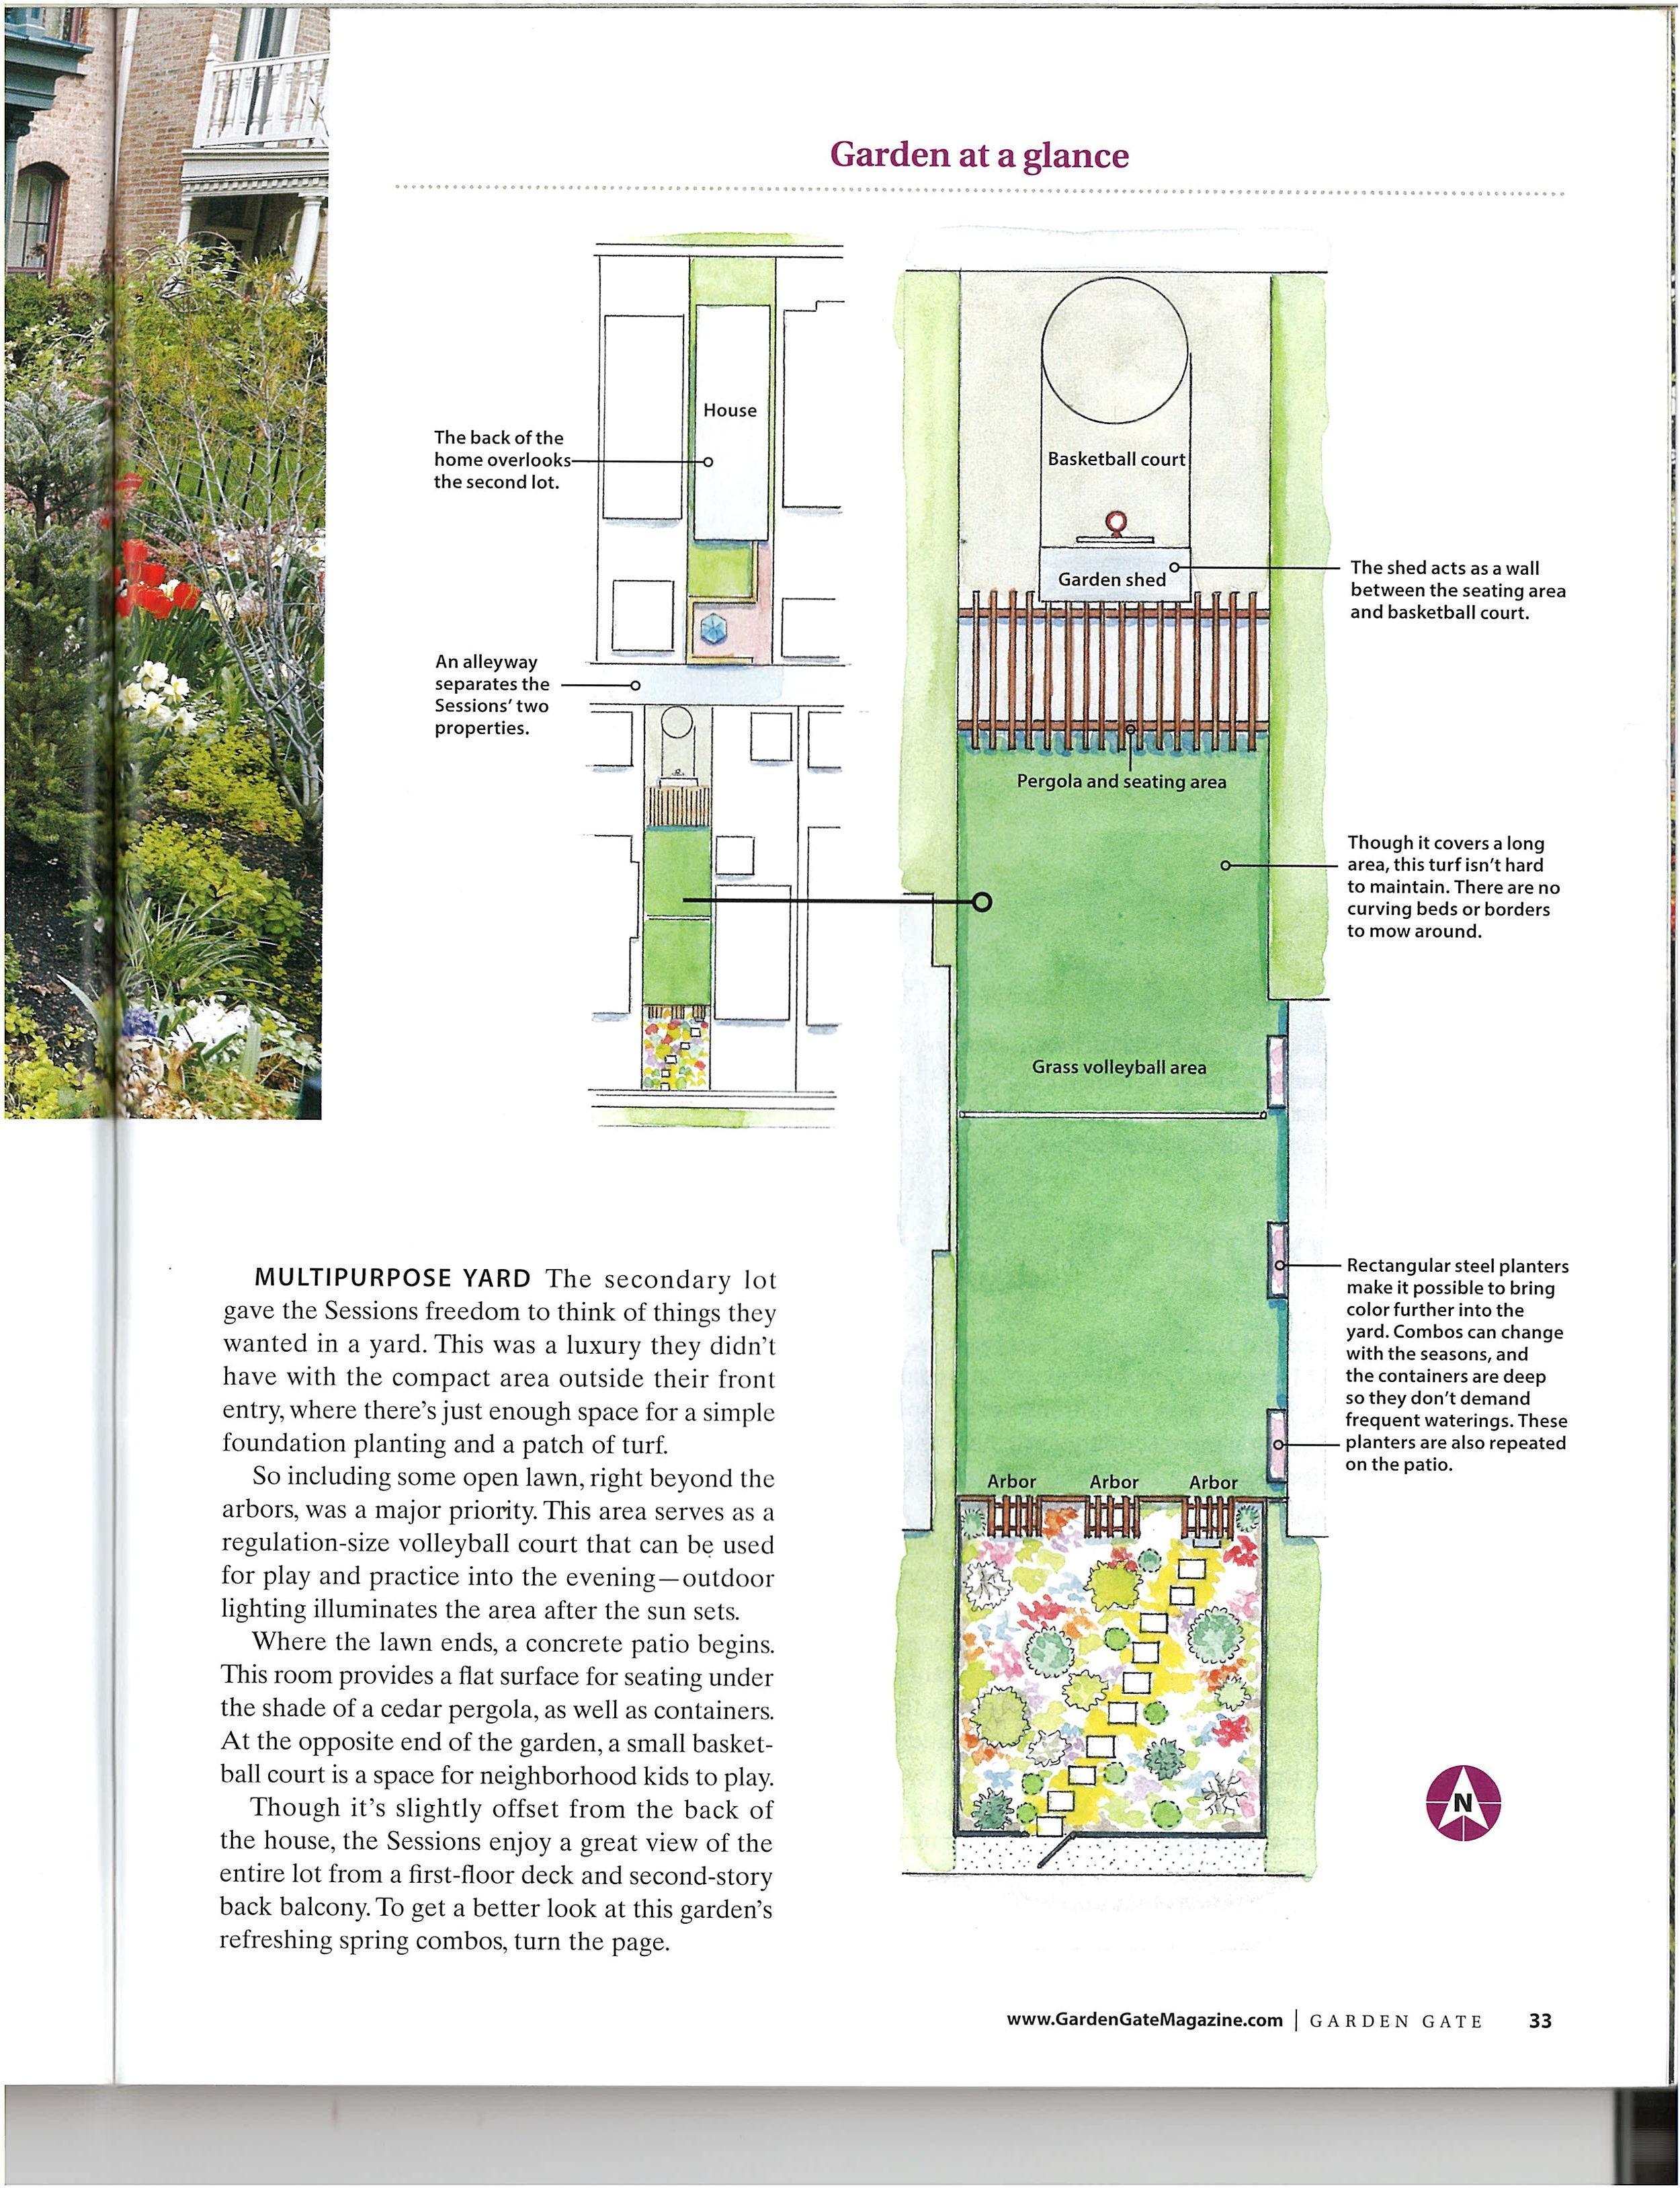 Garden Gate_Unkown_Page_5.jpg